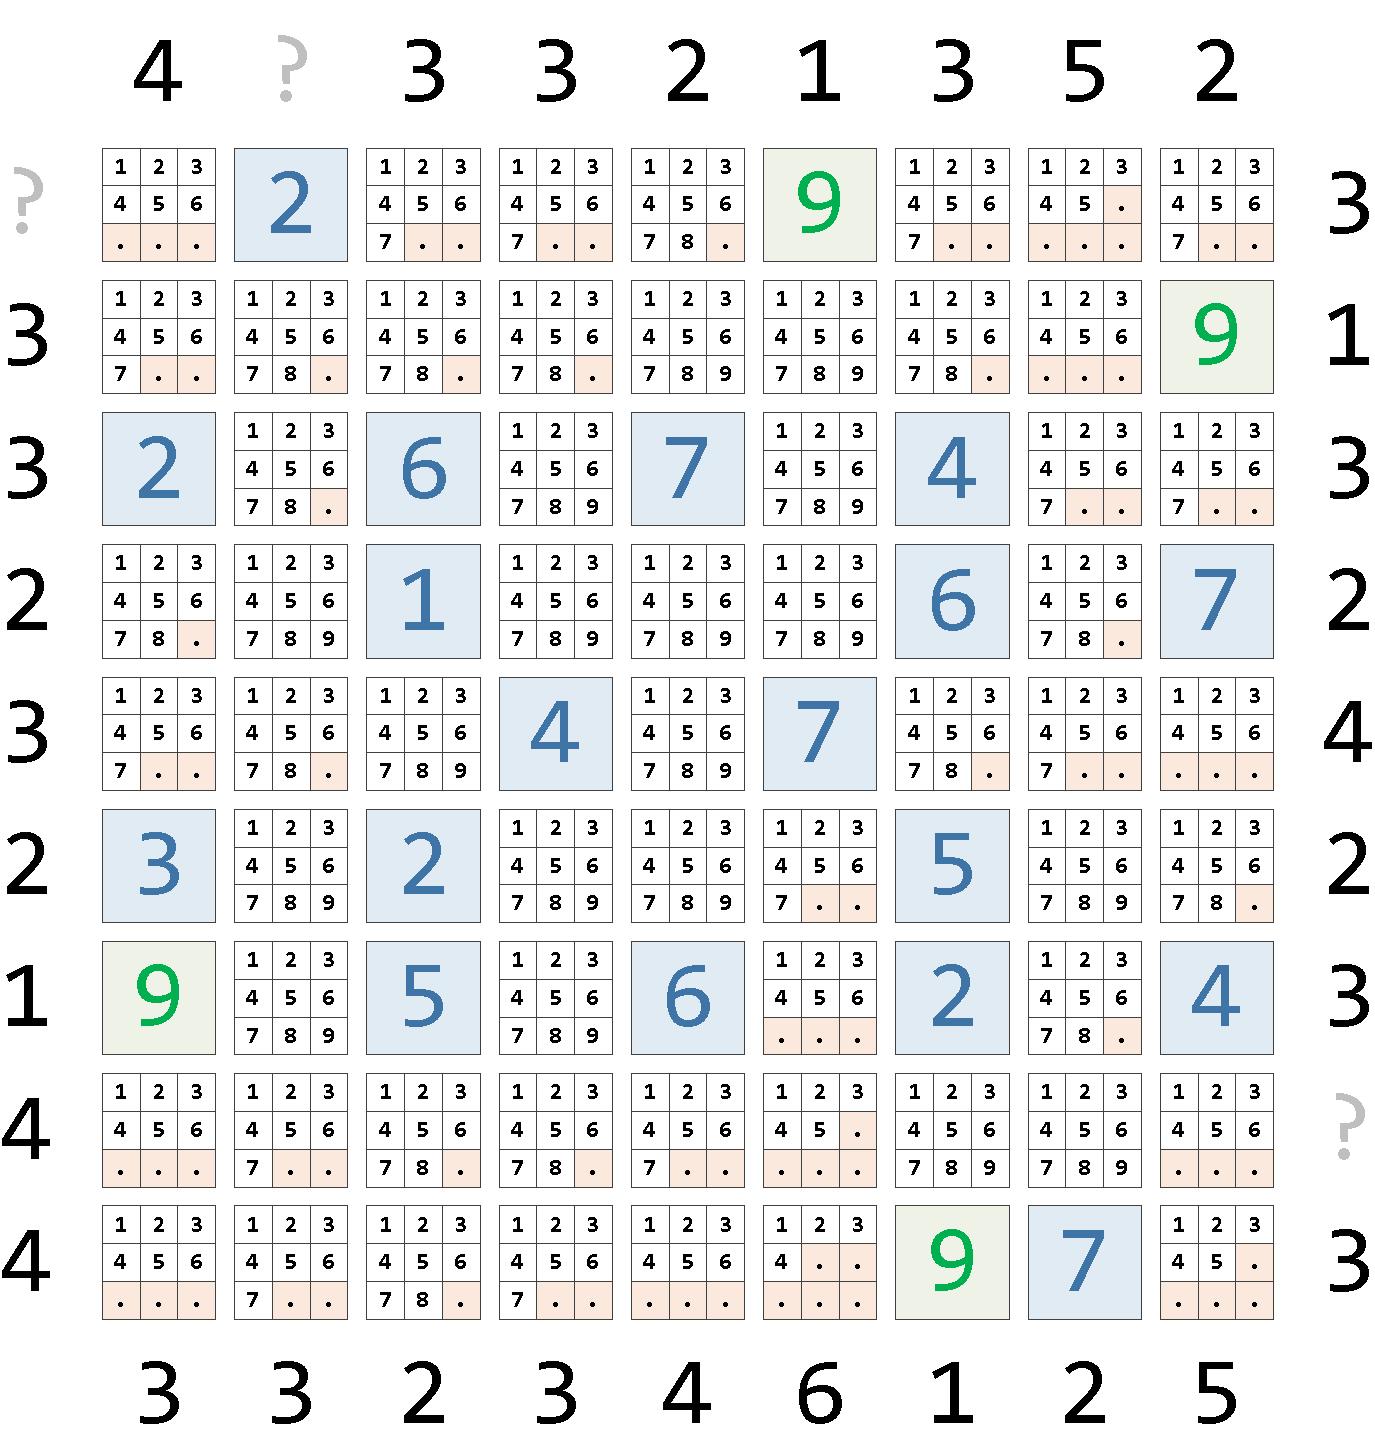 Применение базовых ограничений к исходной матрице